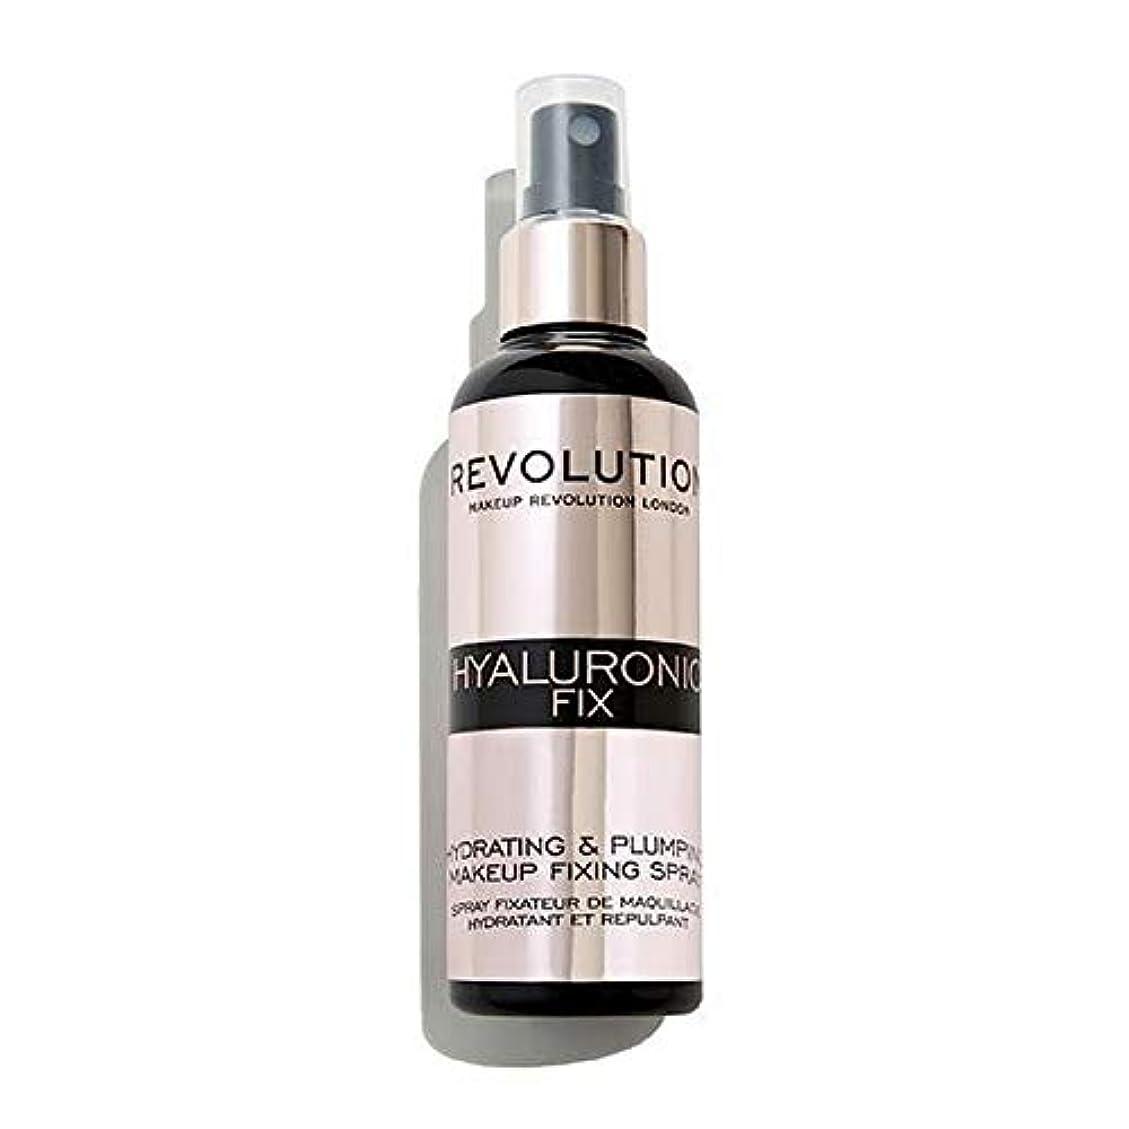 絶対の名誉ある公平な[Revolution ] 化粧革命ヒアルロン固定スプレー - Makeup Revolution Hyaluronic Fixing Spray [並行輸入品]